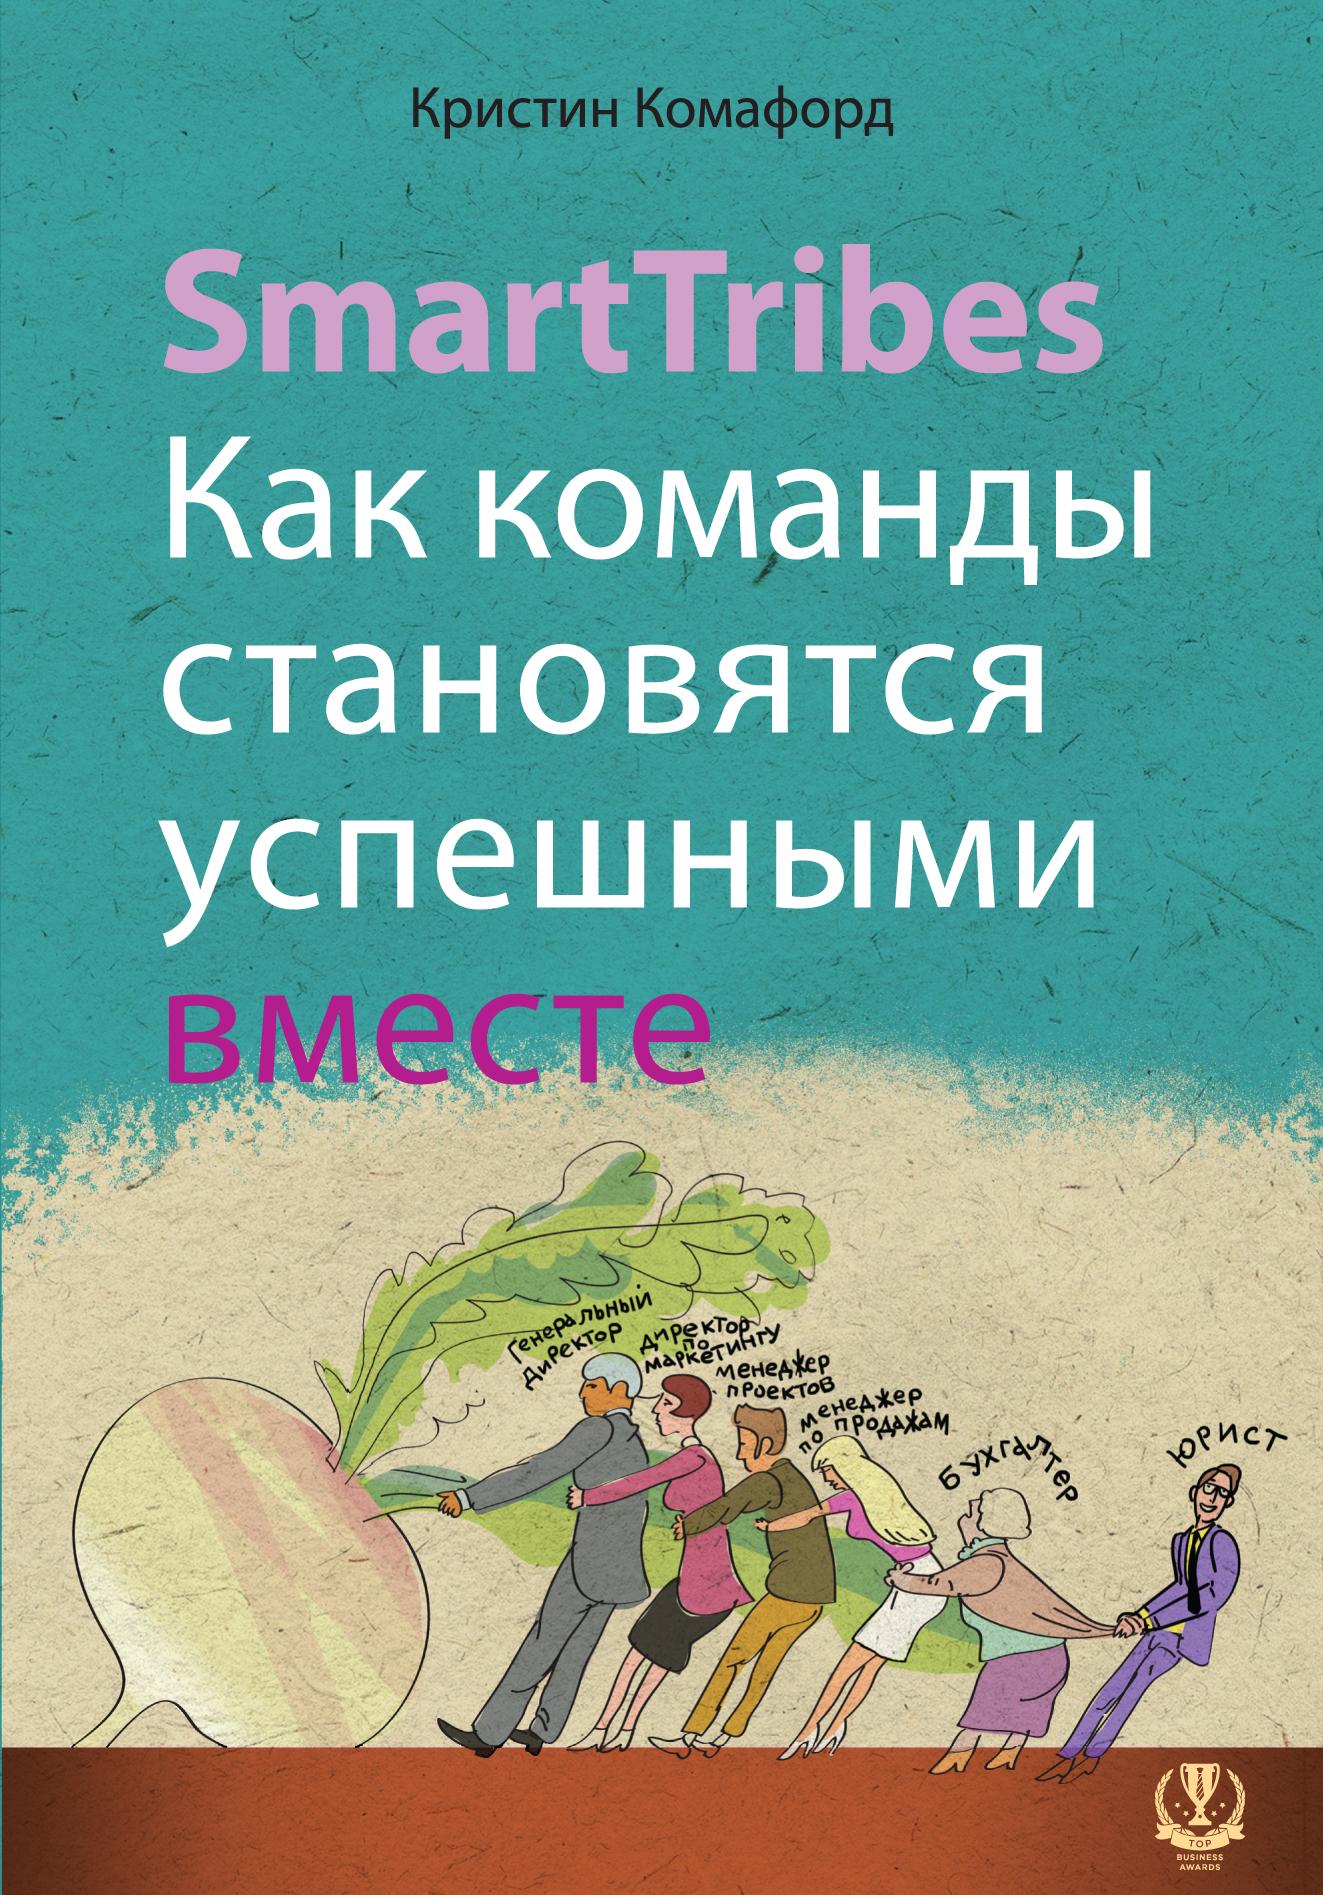 Обложка книги SmartTribes. Как команды становятся успешными вместе